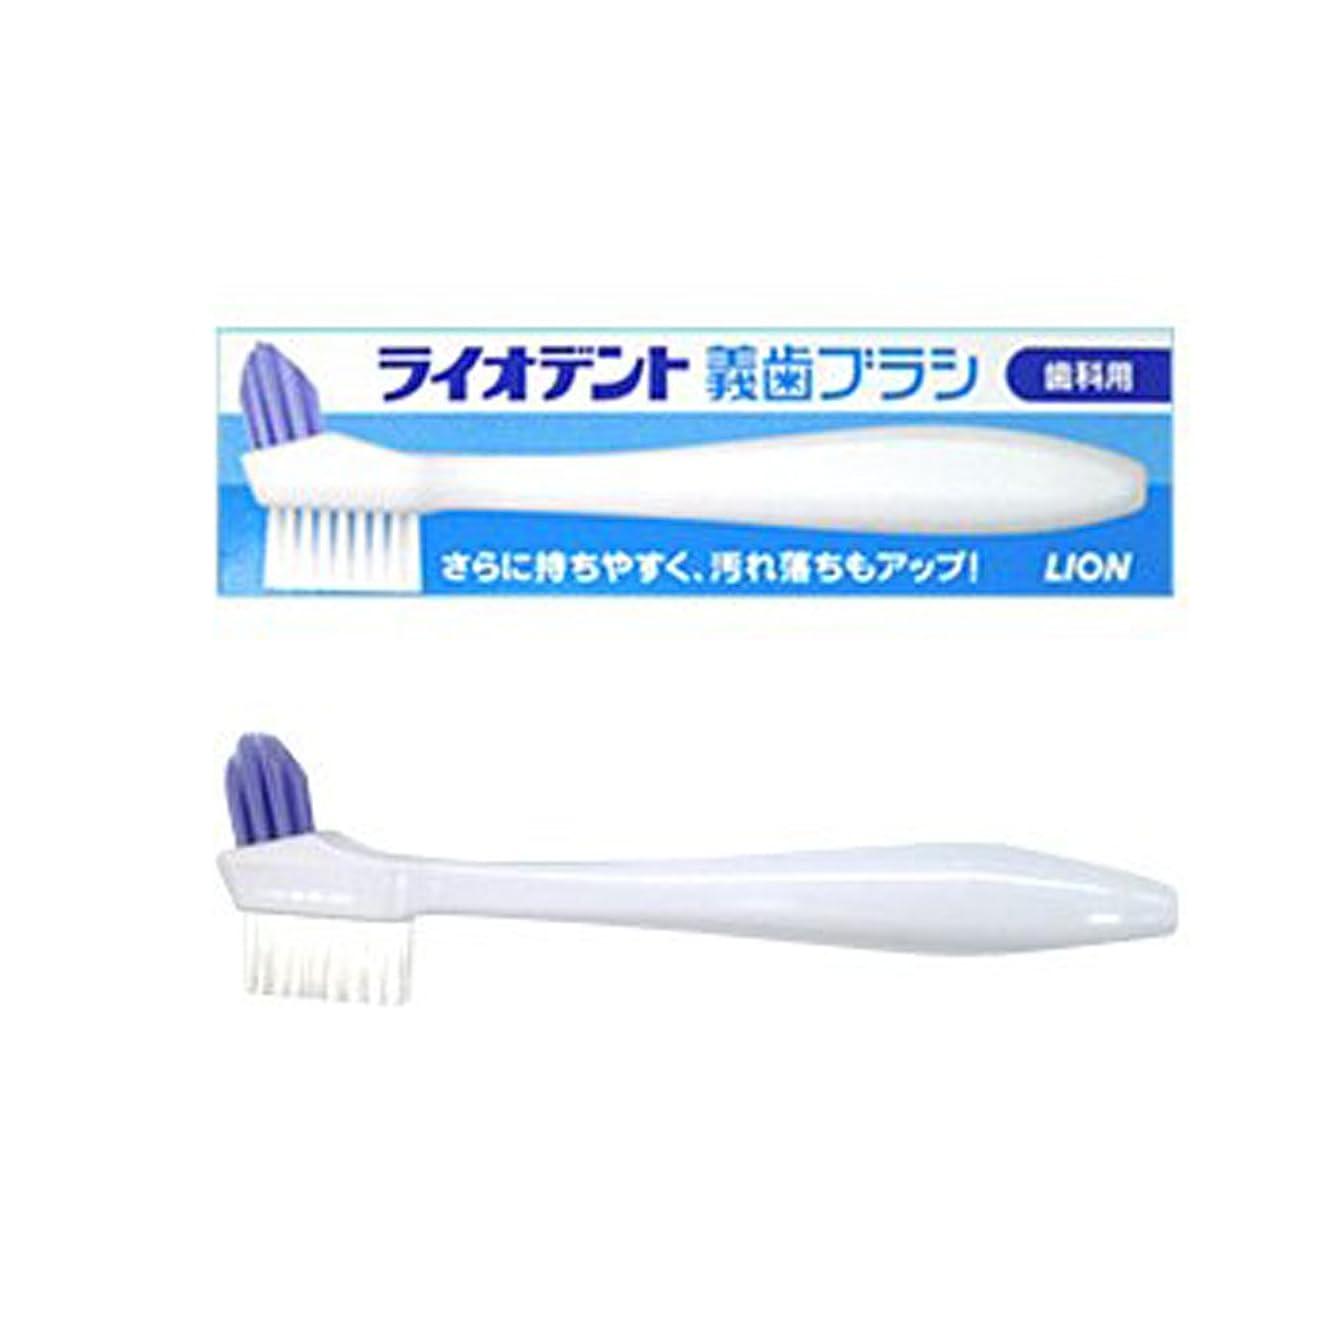 ベルベット発行する質素なライオデント義歯ブラシ 1本